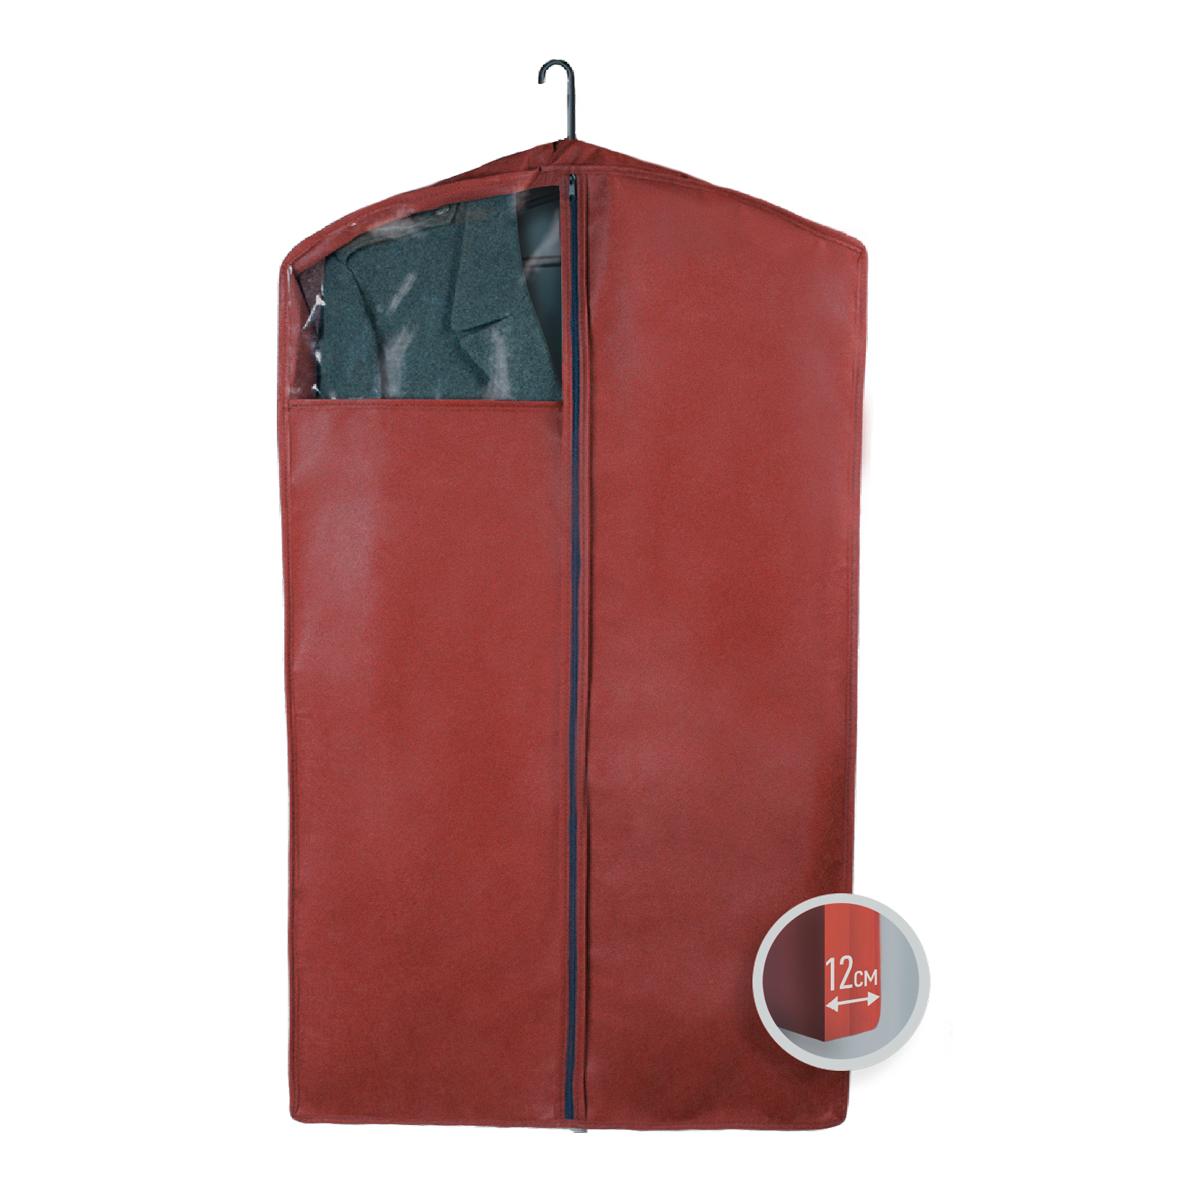 Чехол для верхней одежды Miolla, с окошком, цвет: бордовый, 100 х 60 х 12 смCHL-3-5Чехол для верхней одежды Miolla на застежке-молнии выполнен из высококачественного нетканого материала. Прозрачное полиэтиленовое окошко позволяет видеть содержимое чехла. Подходит для длительного хранения вещей. Чехол обеспечивает вашей одежде надежную защиту от влажности, повреждений и грязи при транспортировке, от запыления при хранении и проникновения моли. Чехол обладает водоотталкивающими свойствами, а также позволяет воздуху свободно поступать внутрь вещей, обеспечивая их кондиционирование. Это особенно важно при хранении кожаных и меховых изделий. Размер чехла: 100 х 60 х 12 см.